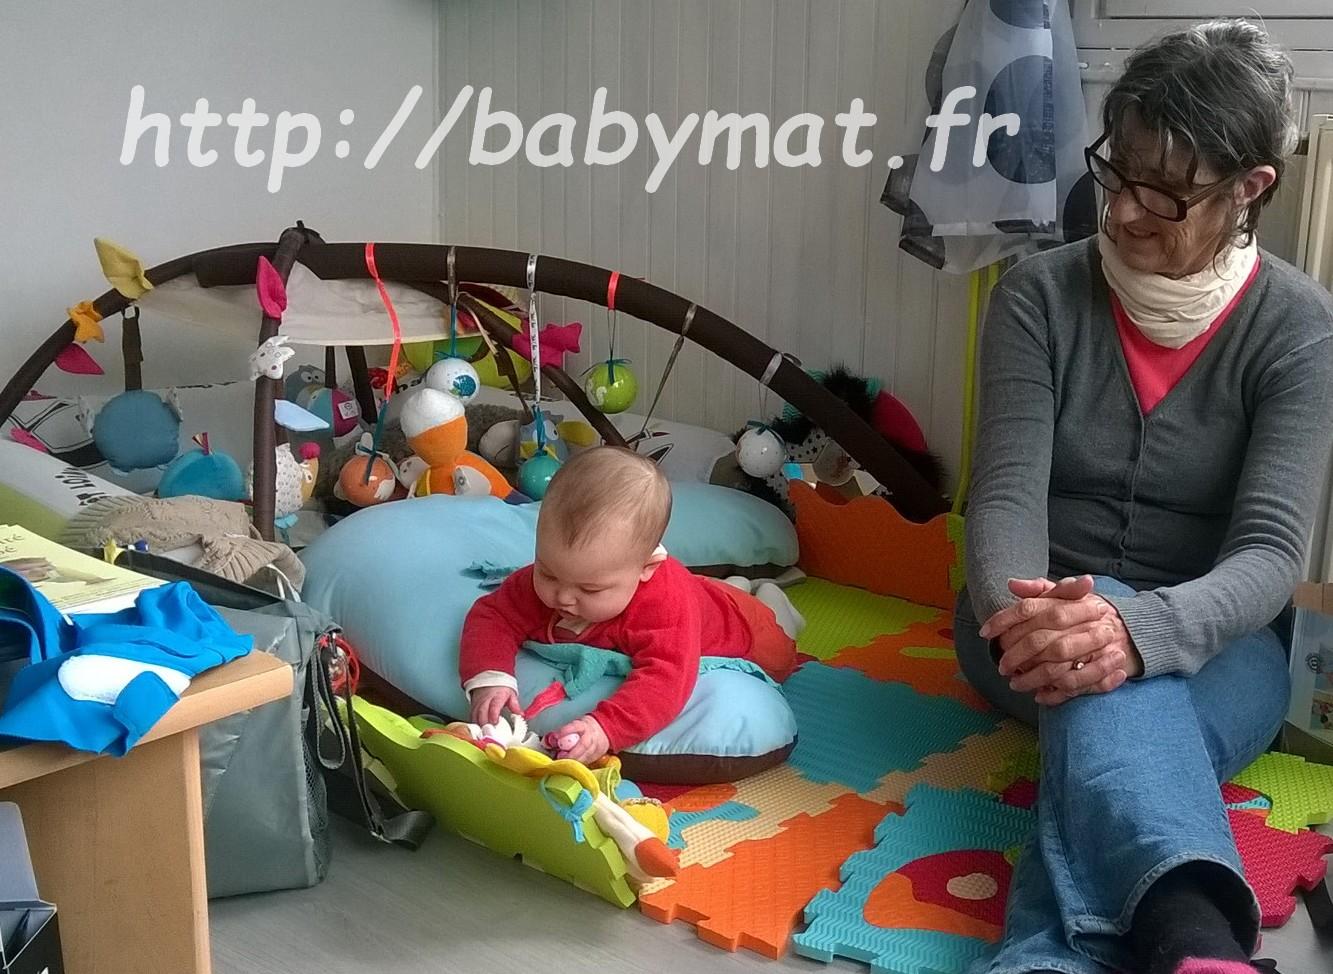 comment pratiquer une motricit 233 libre avec un b 233 b 233 rgo baby mat la veille de la pu 233 riculture